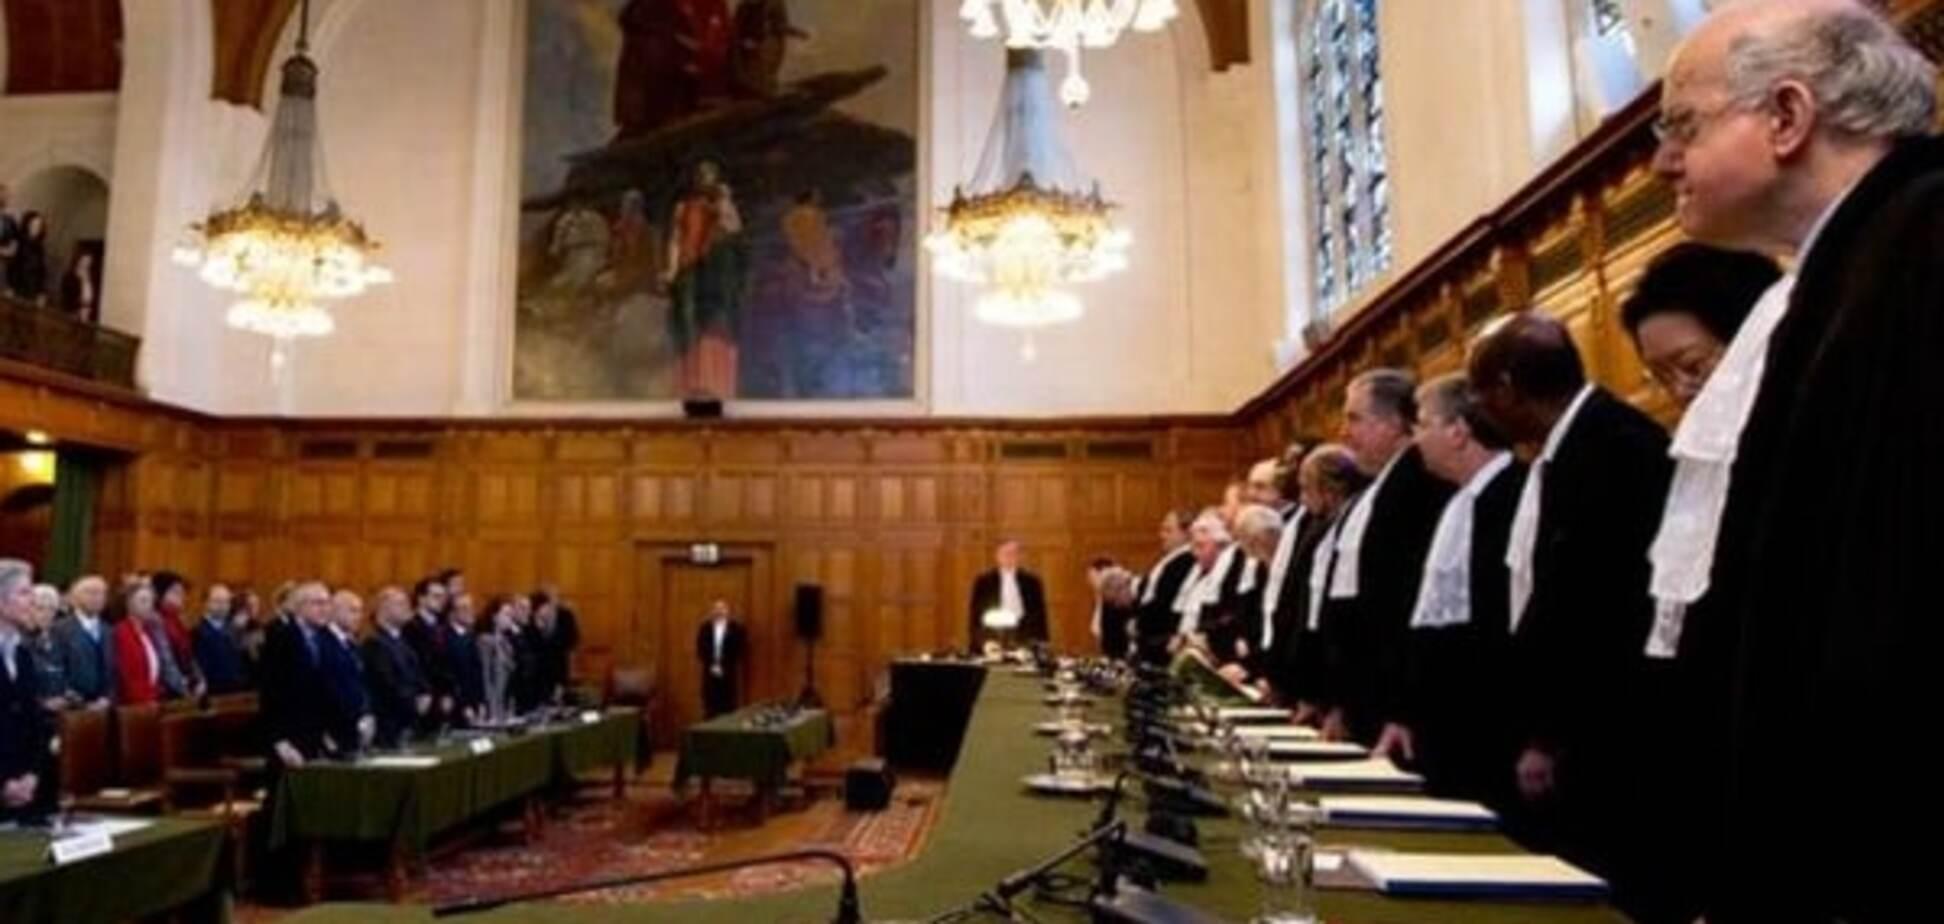 У Порошенко объяснили, почему признание юрисдикции Гааги может иметь негативные последствия для бойцов АТО